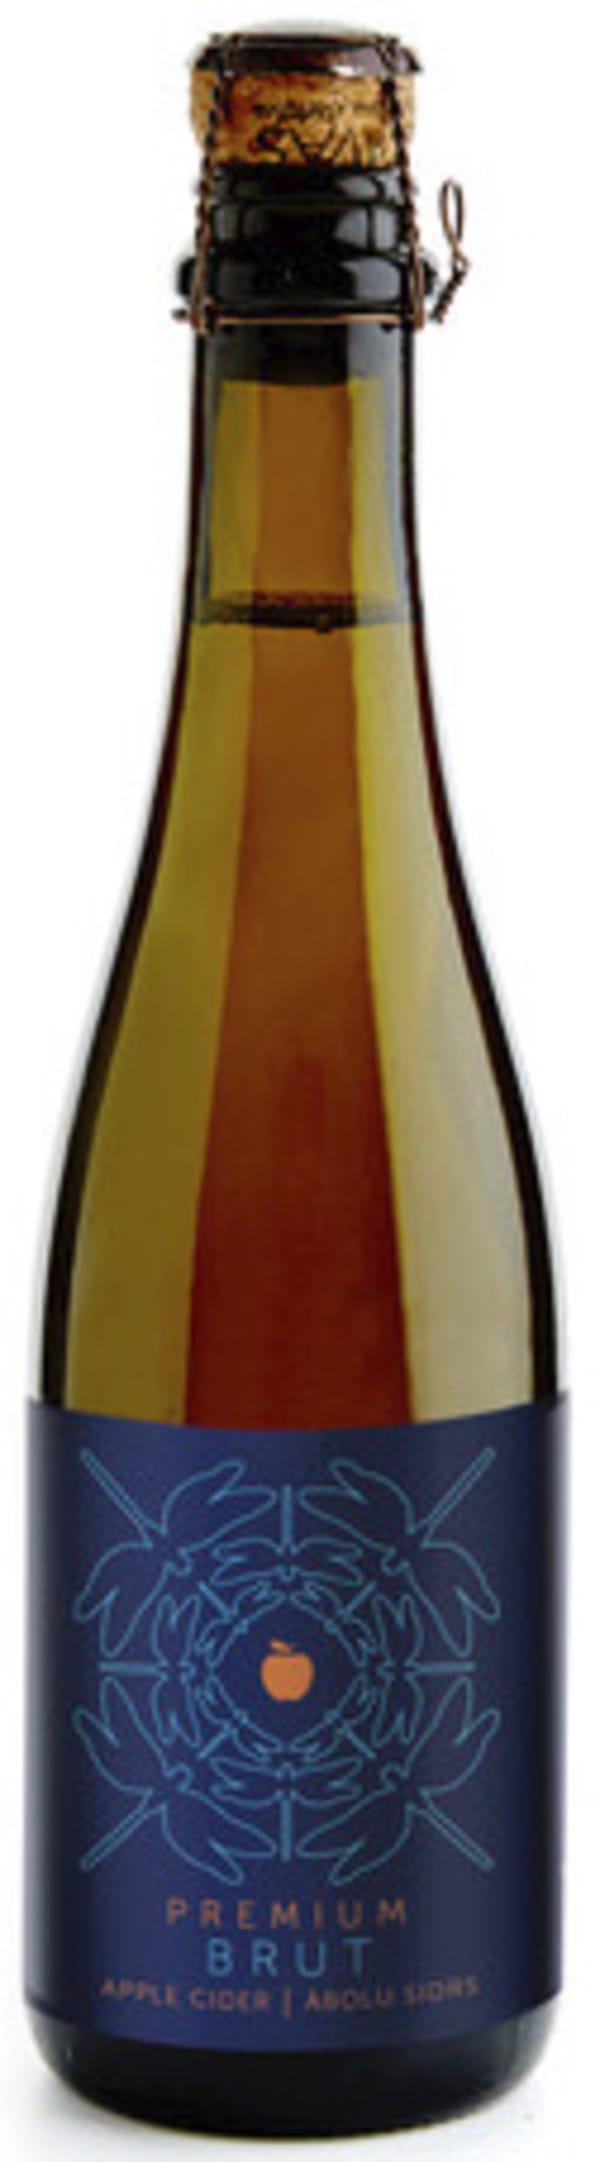 Abavas Abols Premium Cider Brut 2016